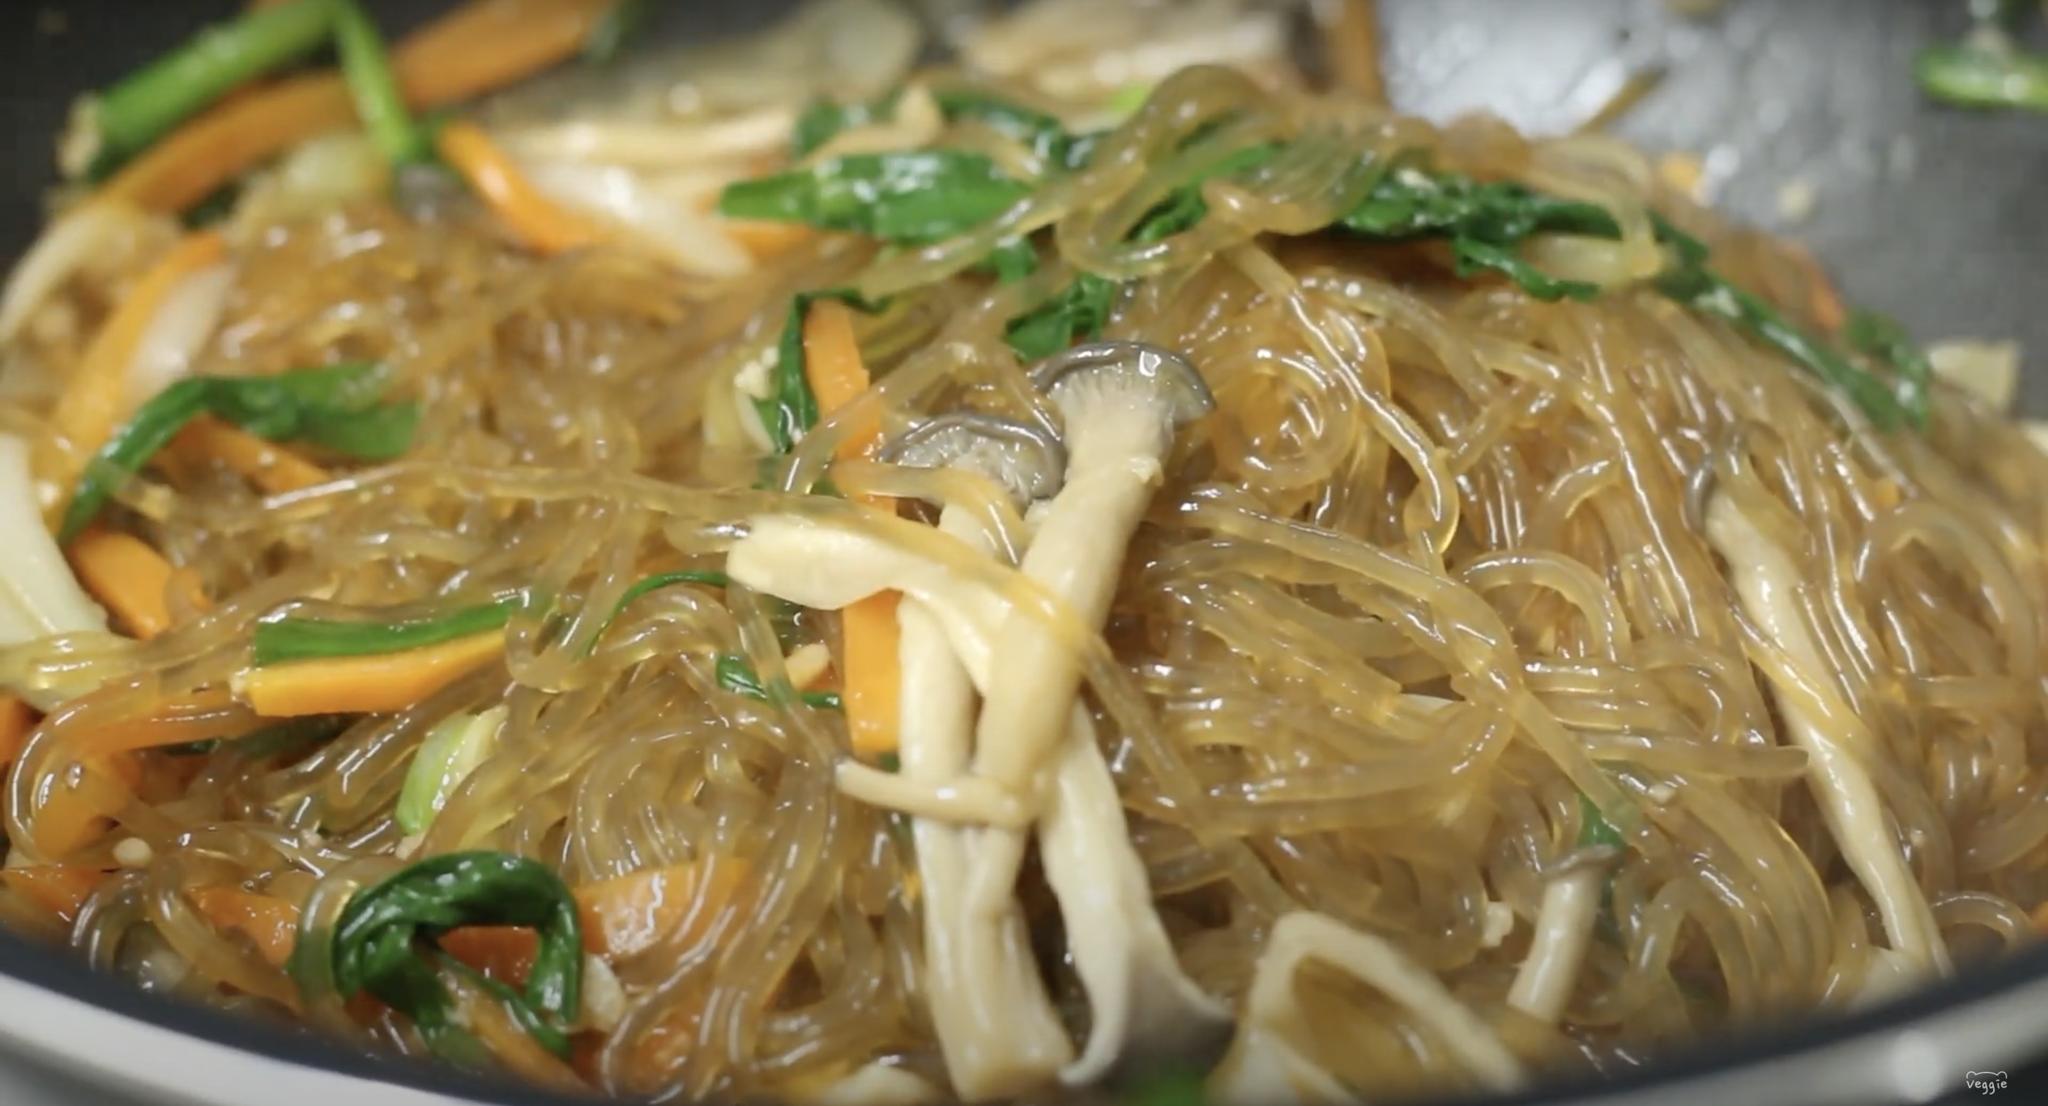 日式蔬食雜菜。